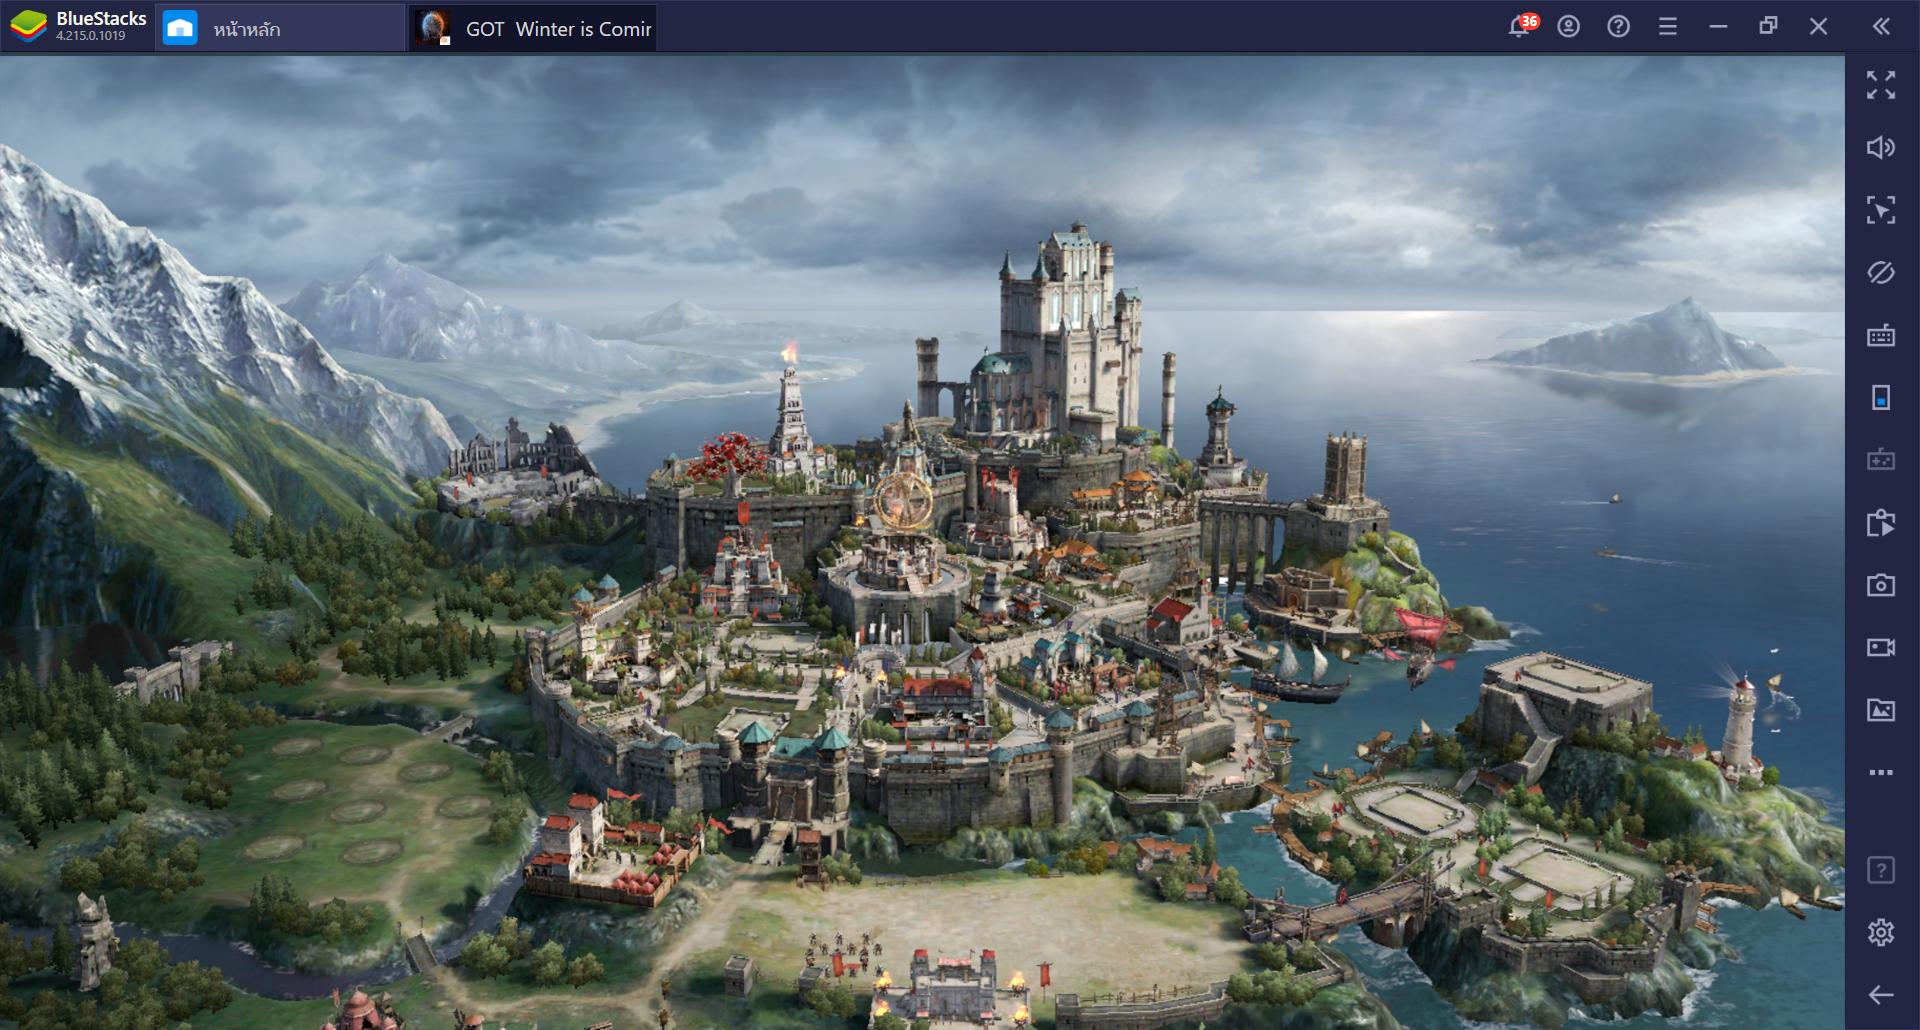 ทริคสุดเทพสำหรับมือใหม่ในเกม Game of Throne: Winter is Coming